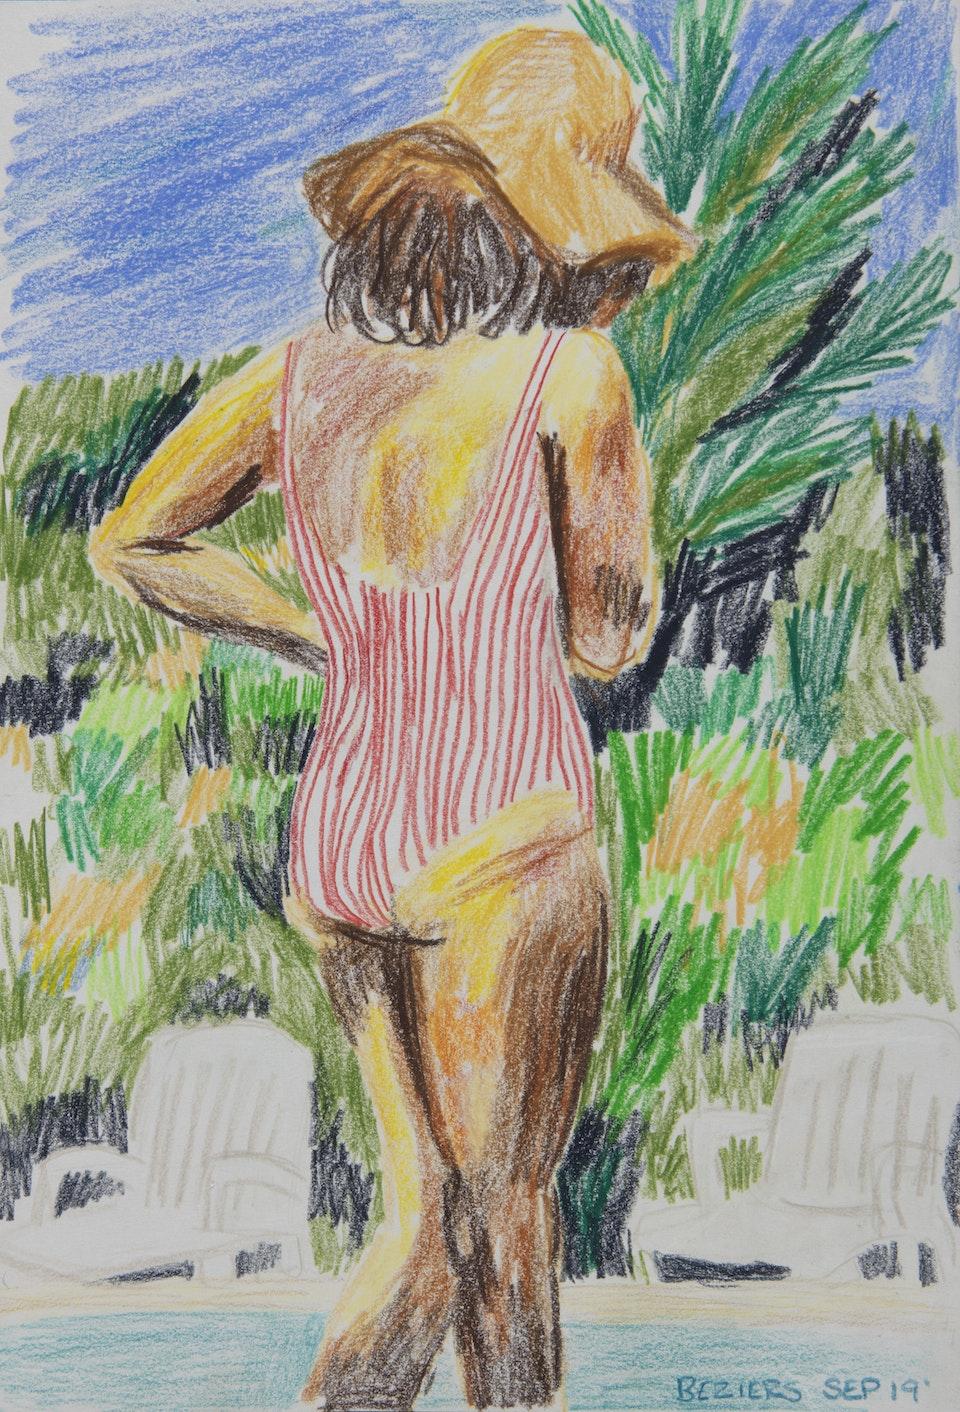 In Situ - Mathilda Beziers - 2019 - Pencil on Paper - 21 x 30 cm